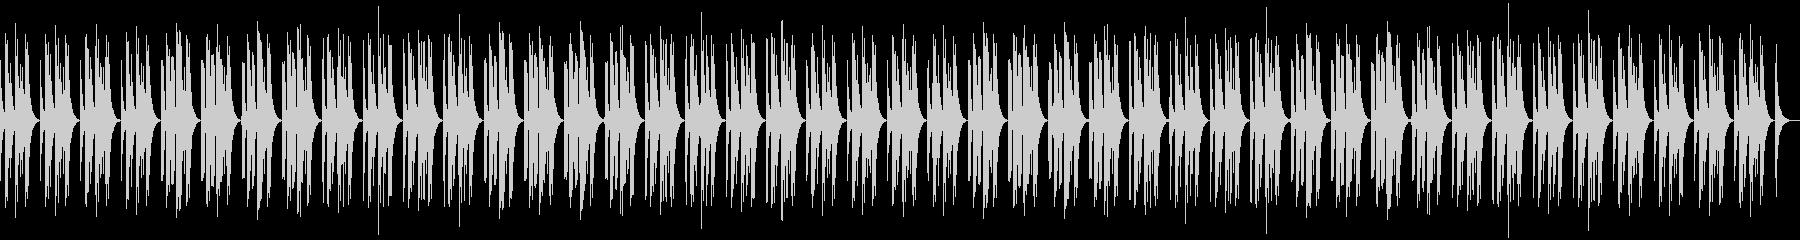 和風・日常・琴・三味線・尺八の未再生の波形